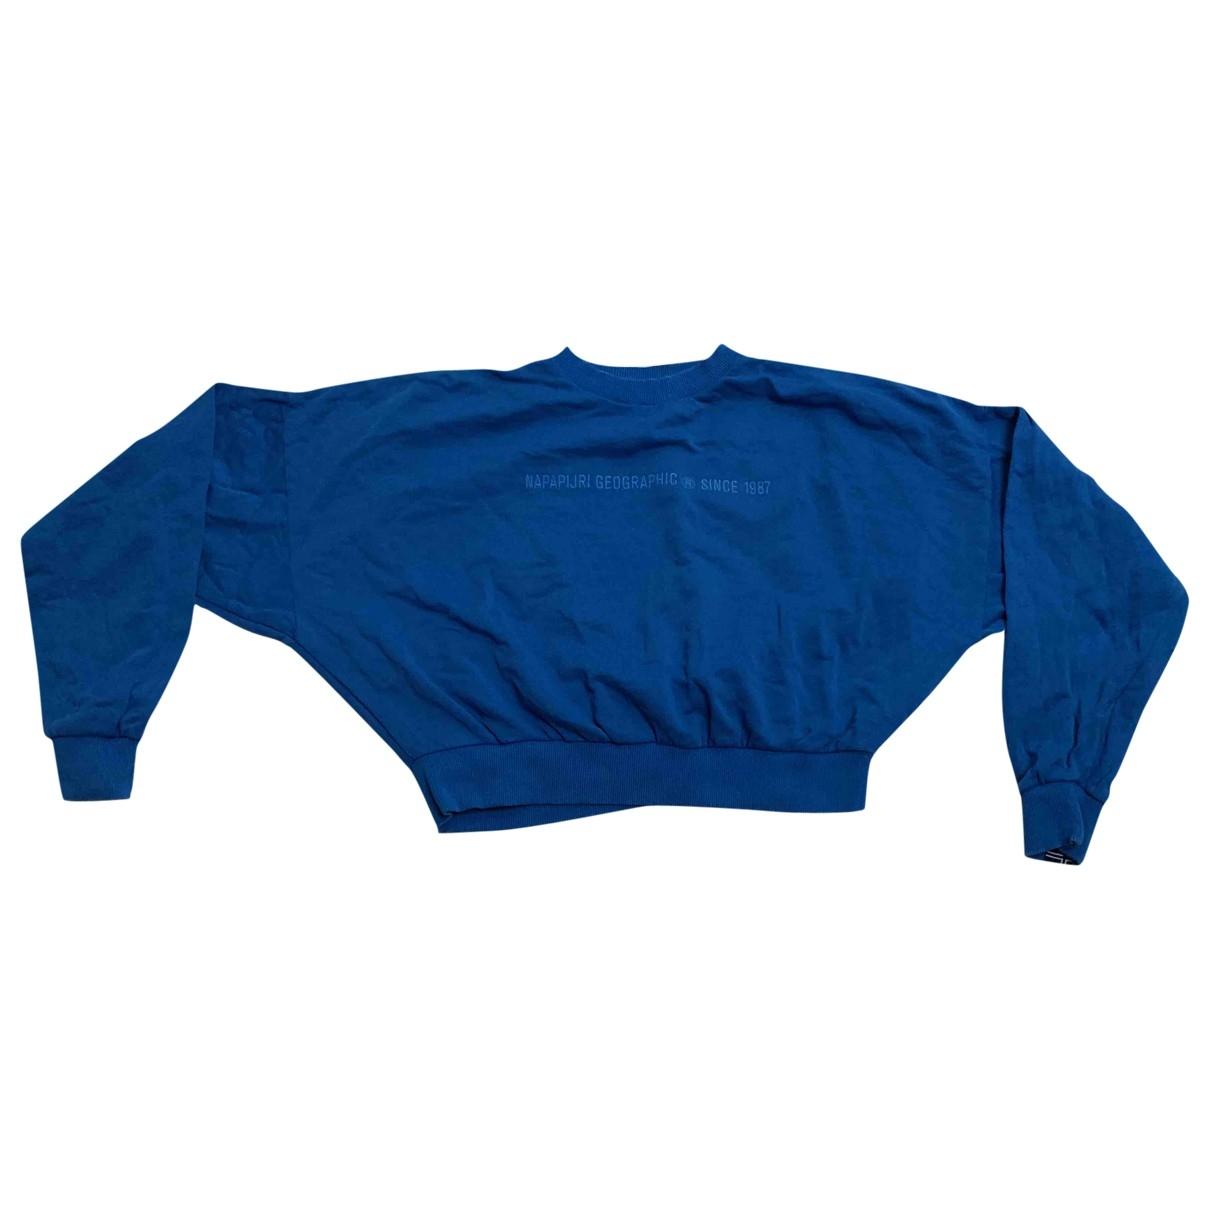 Napapijri \N Blue Cotton Knitwear for Women XS International